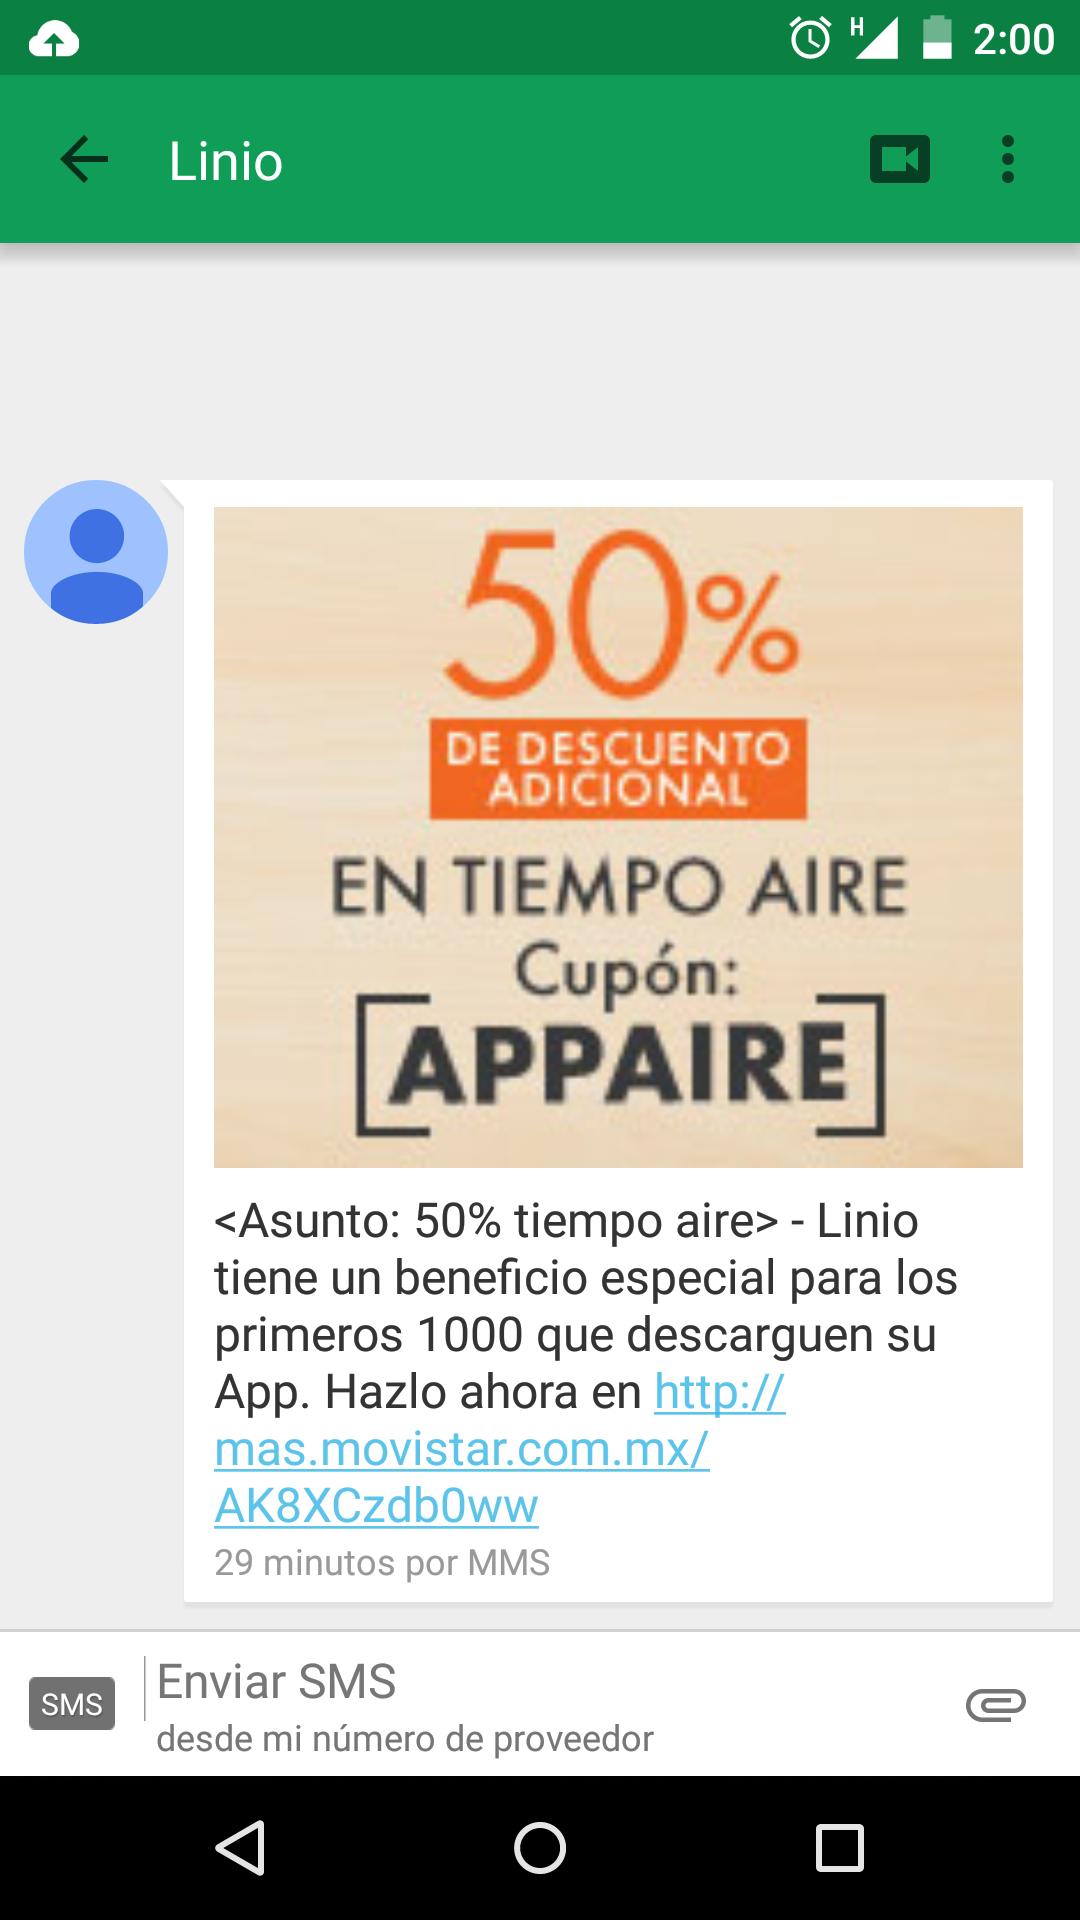 Linio app 50% en tiempo aire en Movistar